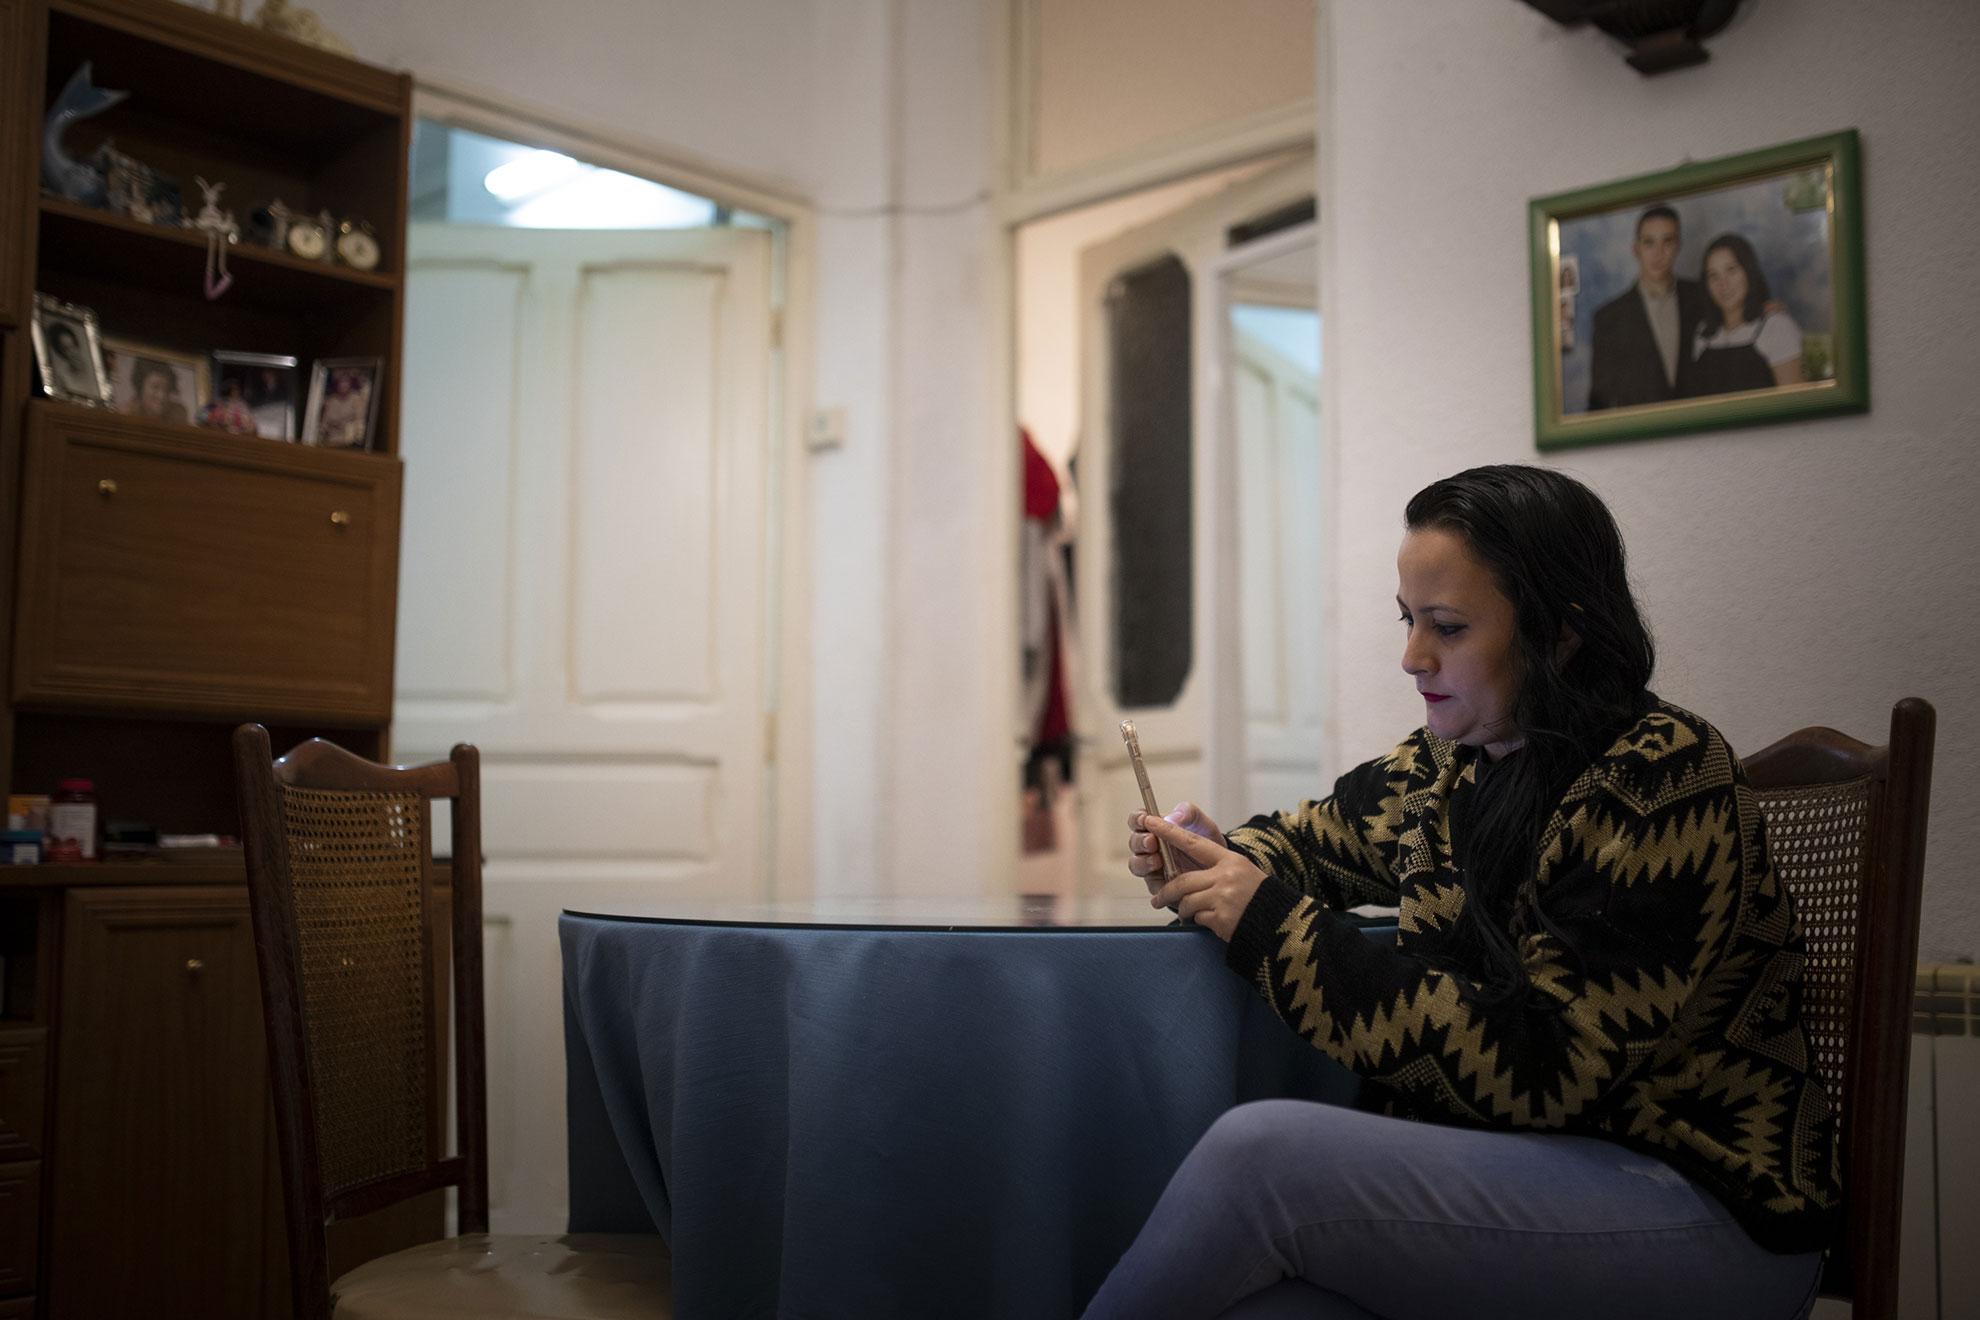 """Rosa (32) es de Honduras. Lleva tres años en Madrid dedicada al cuidado de personas mayores. Hace unos días, murió la anciana que cuidaba y con la que vivía en el barrio de Lavapiés, Pilar (96). Ella decidió velarla, en soledad, durante las 24 horas que tardó en llegar la funeraria (desbordada estos días por los efectos del Covid-19). Siguió las tradiciones de su país: cubriéndola con una sábana, le puso una vela y un rosario, y permaneció despierta toda la noche, rezando por ella. """"Era muy buena y ahora sólo me siento triste"""", reconoce, pero ya ha empezado a buscar otro empleo """"porque el tiempo pasa rápido y los ahorros no dan para mucho"""". No son buenos tiempos para buscar trabajo en Madrid. En ninguna parte. Pero tiene una hija en su país, Brittany (11) y tiene que seguir adelante por ella."""